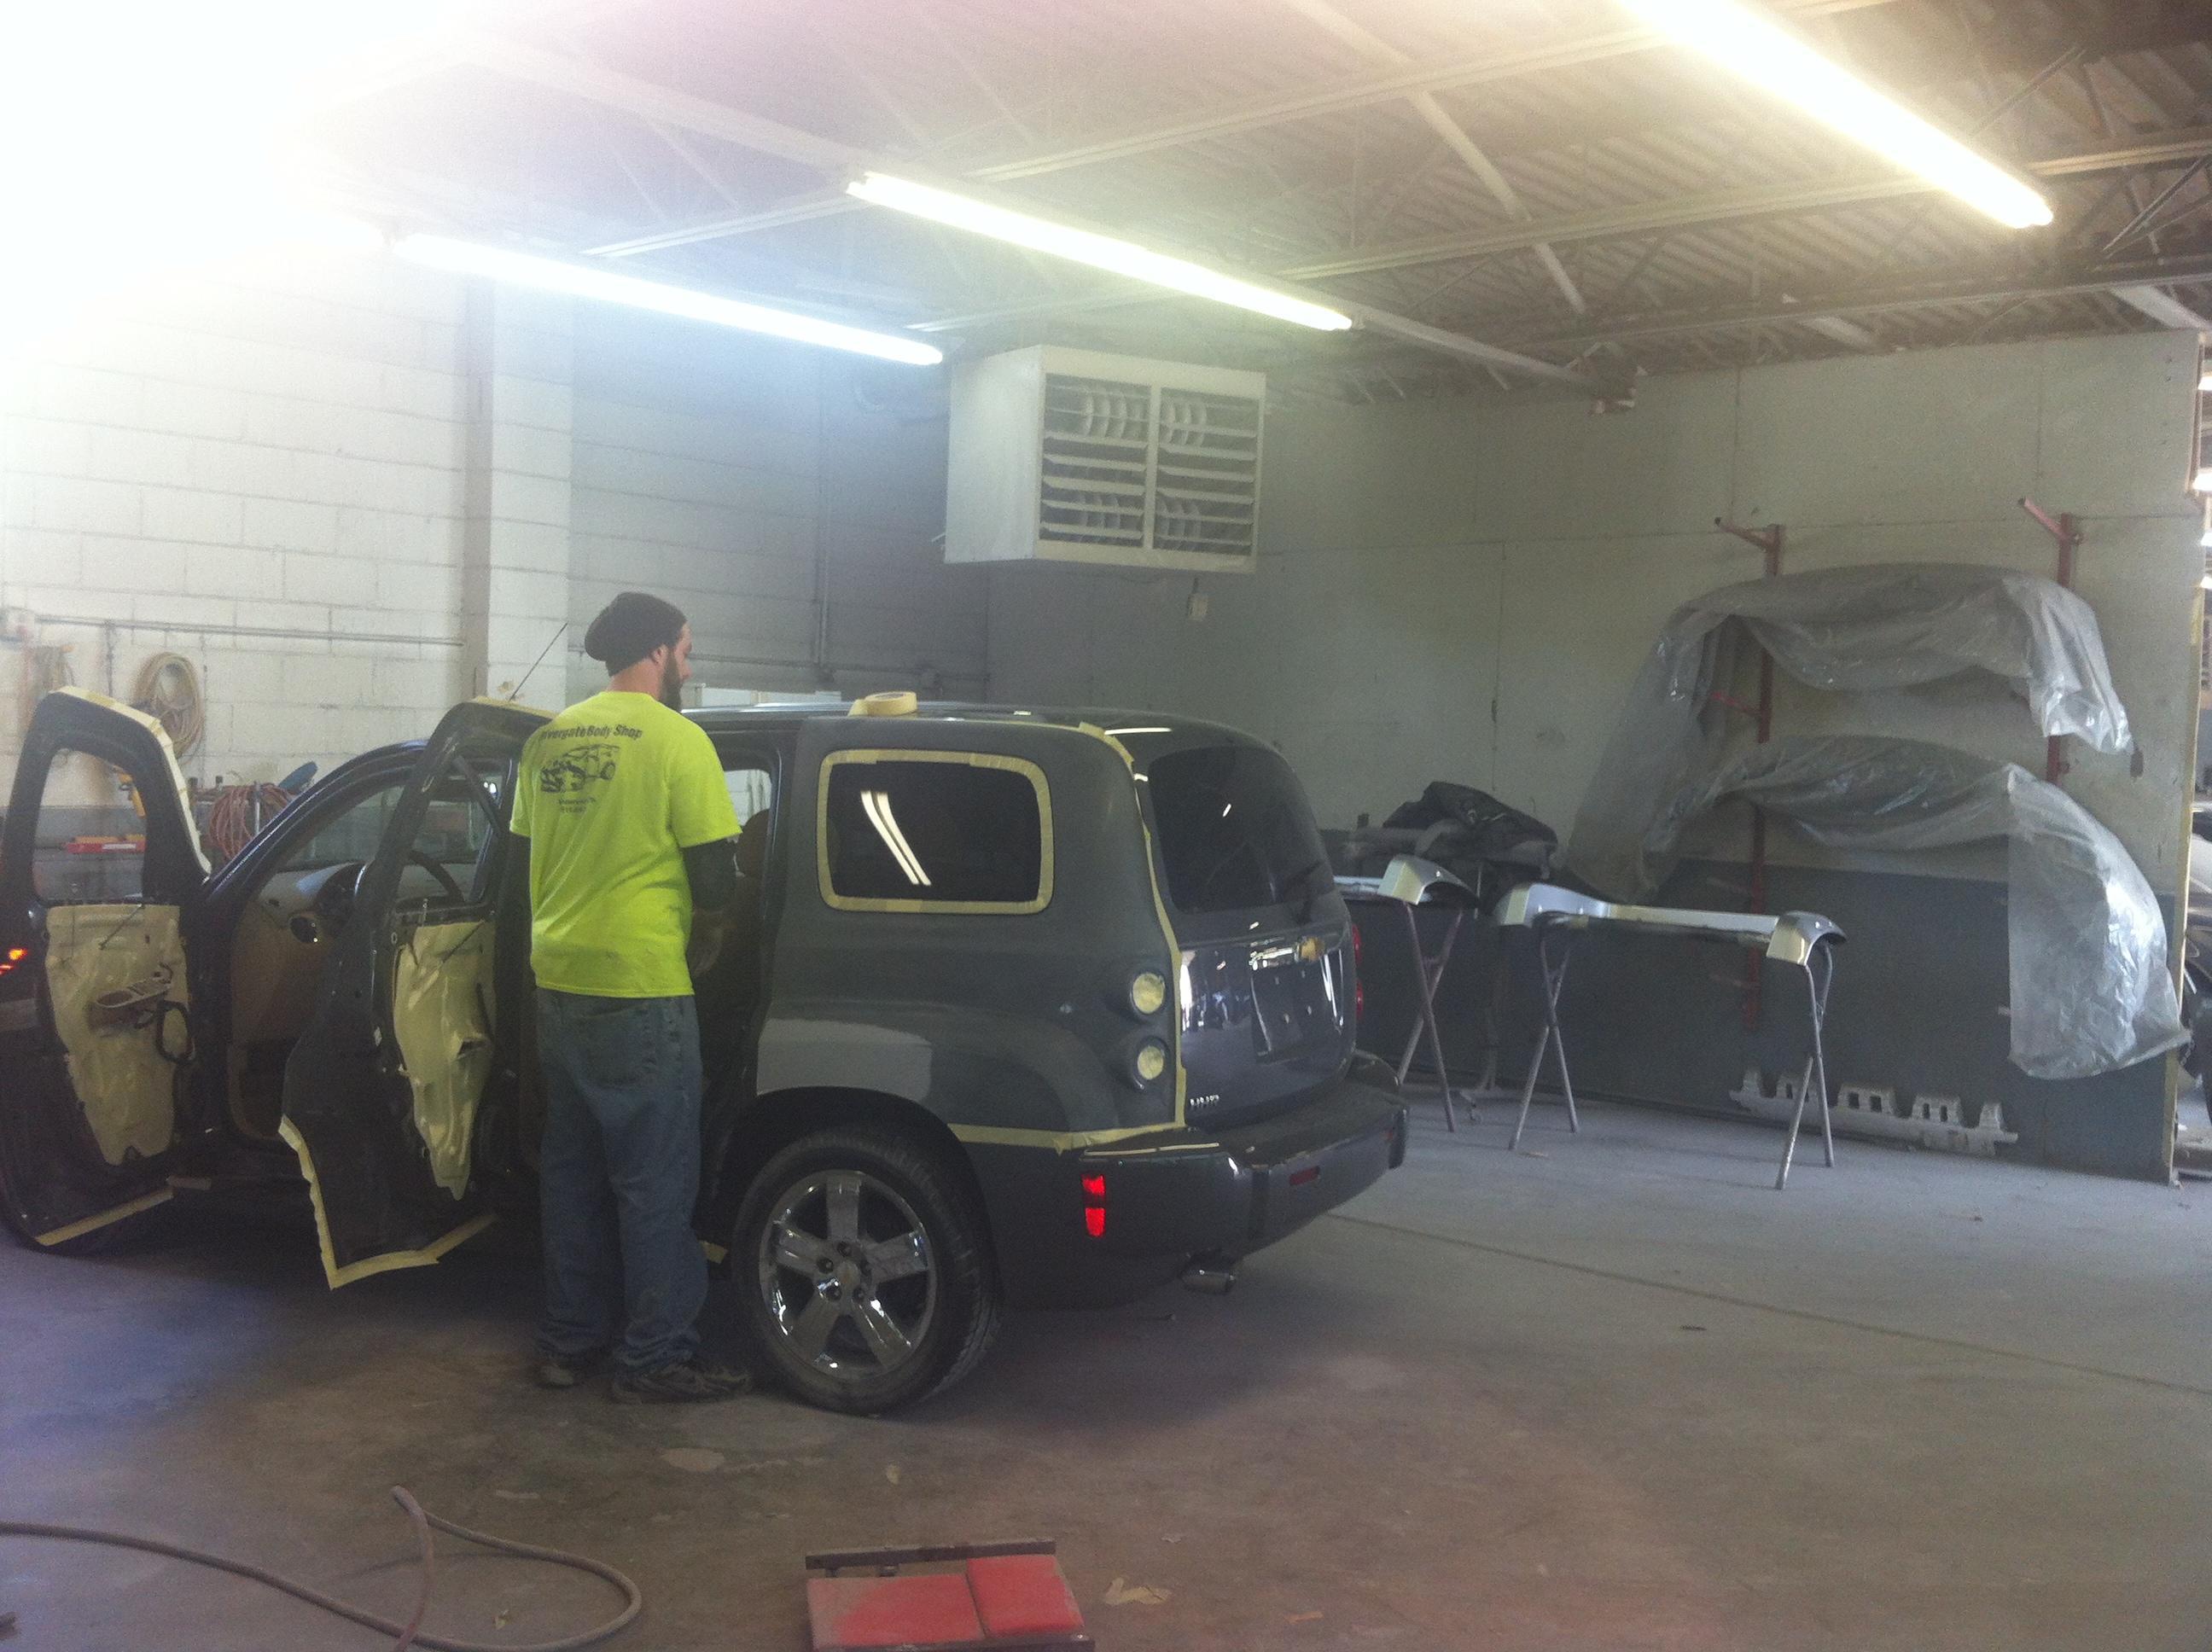 the body shop llc Cotton body shop auto body collision repair facility in oregon missouri.